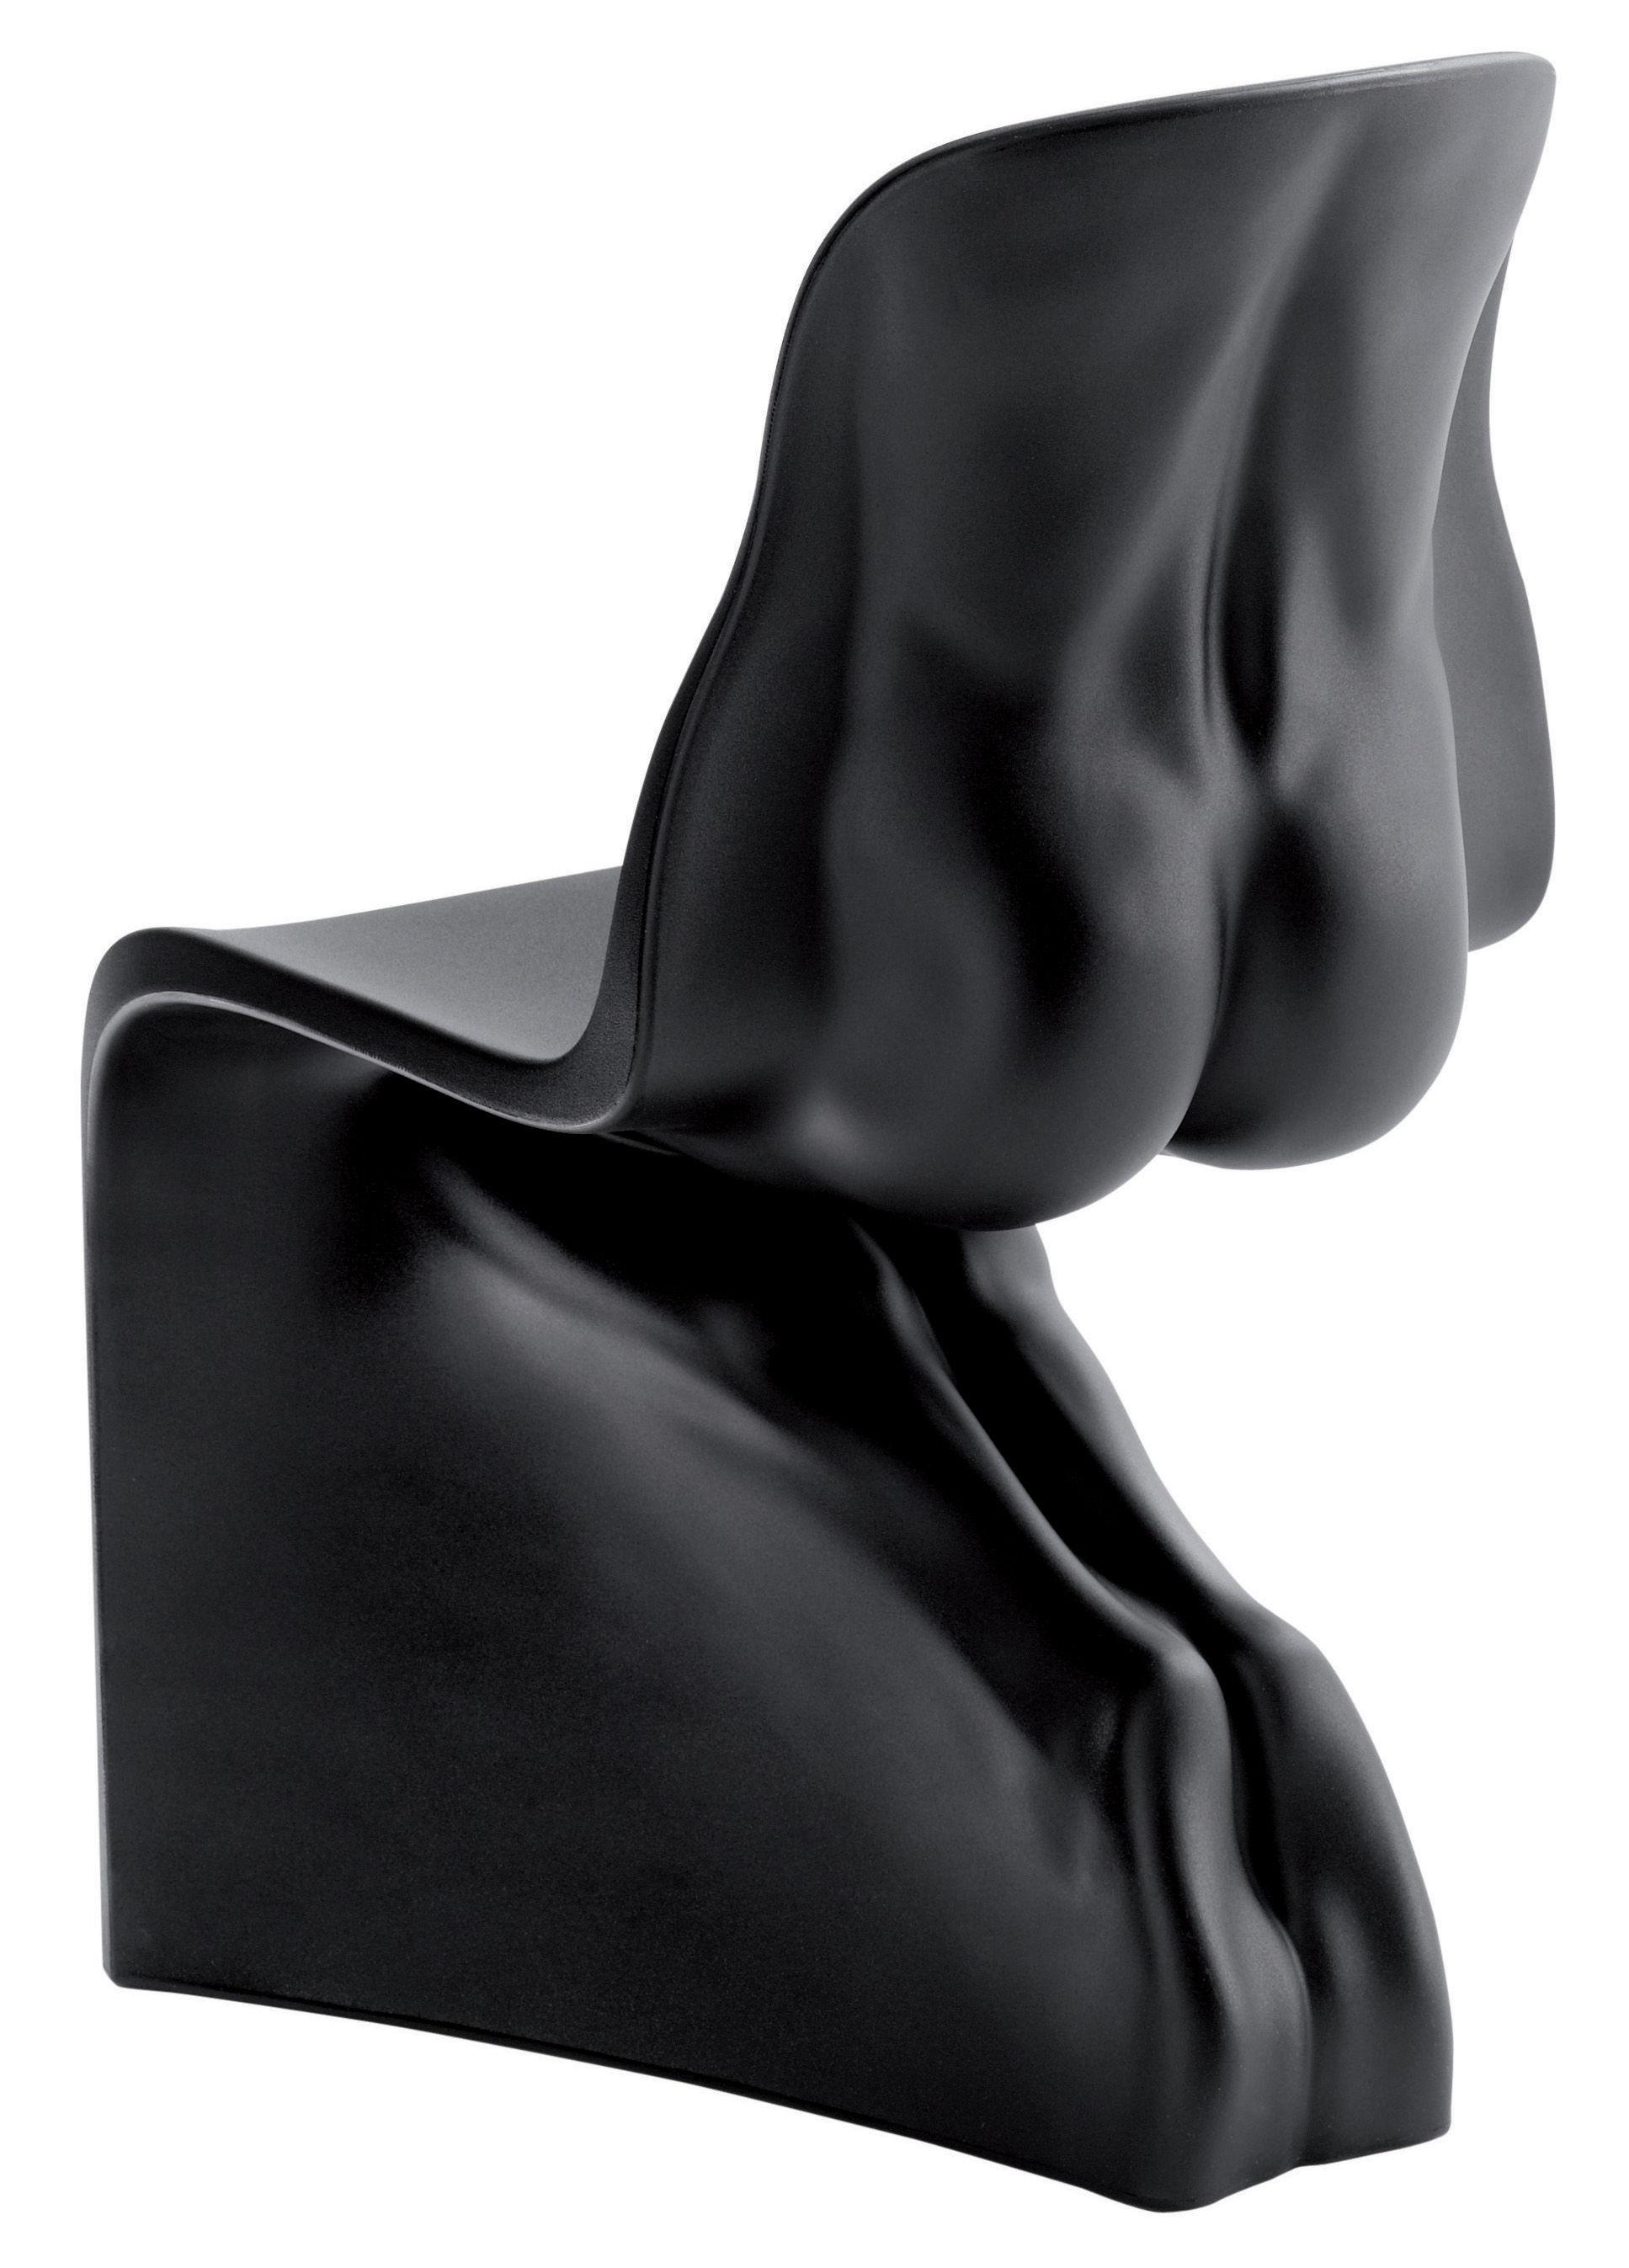 Chaise him plastique noir casamania for Chaise plastique noir